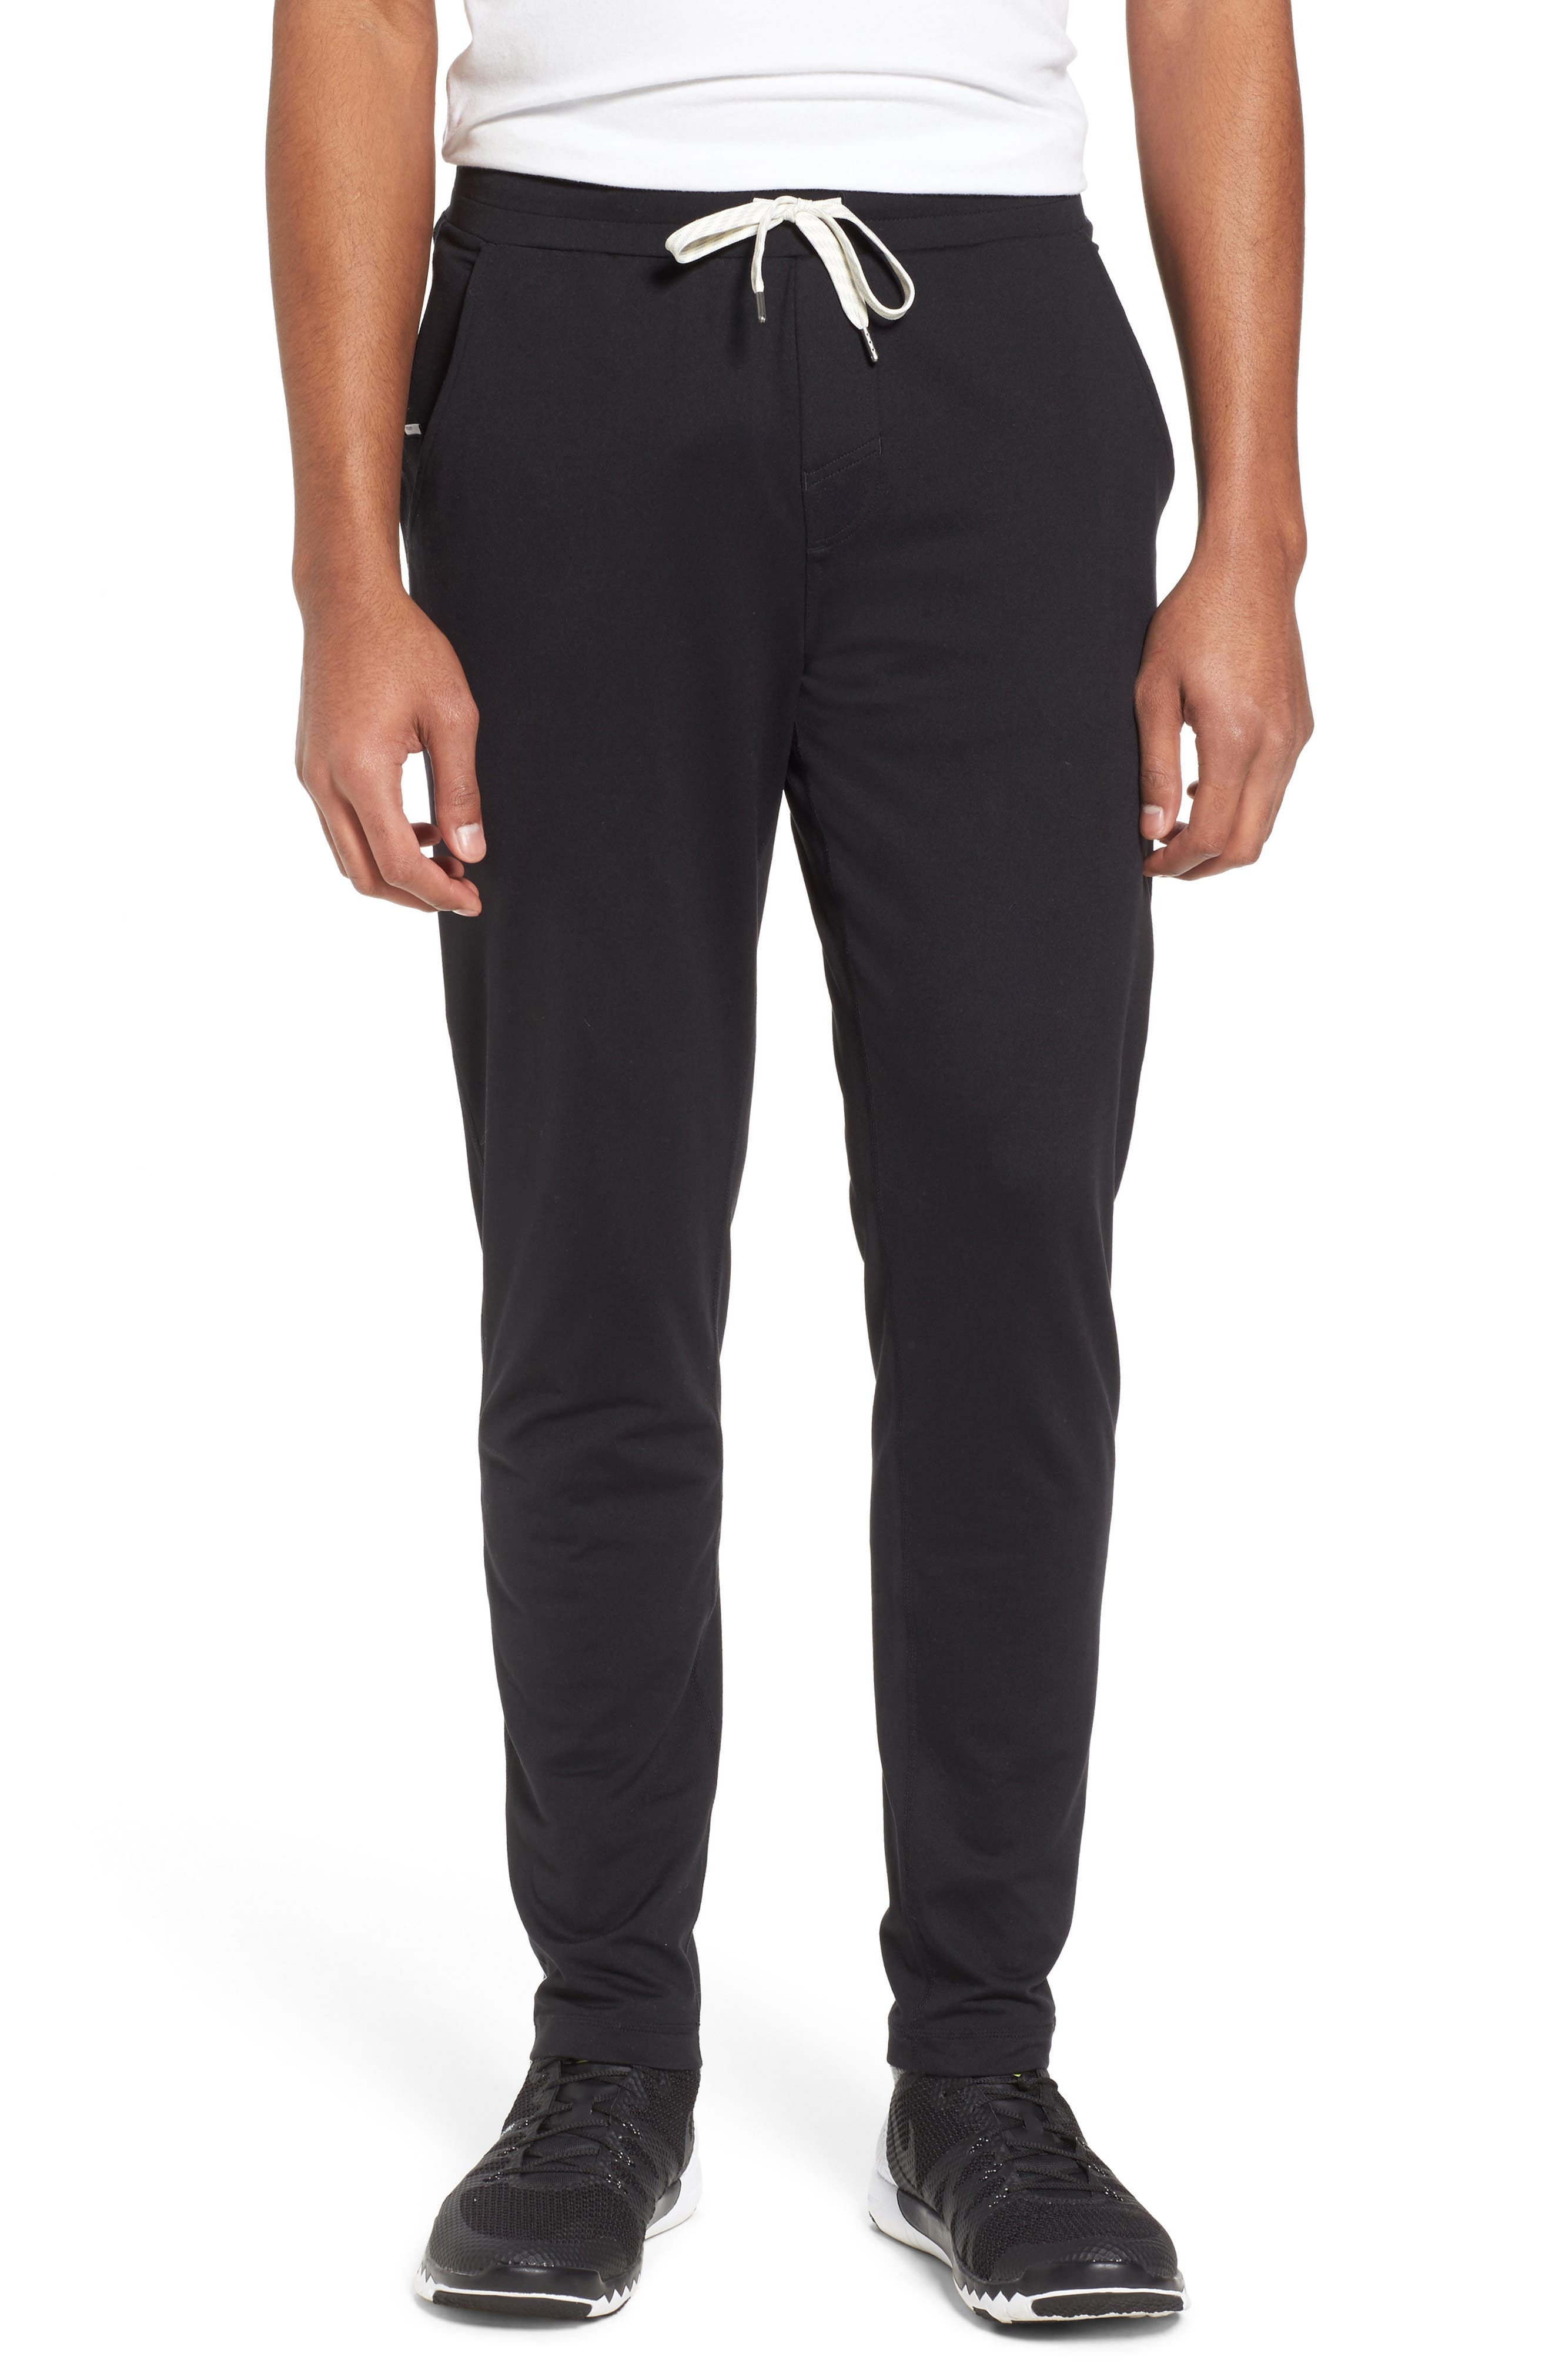 VUORI, Ponto Jogger Pants, Main thumbnail 1, color, BLACK